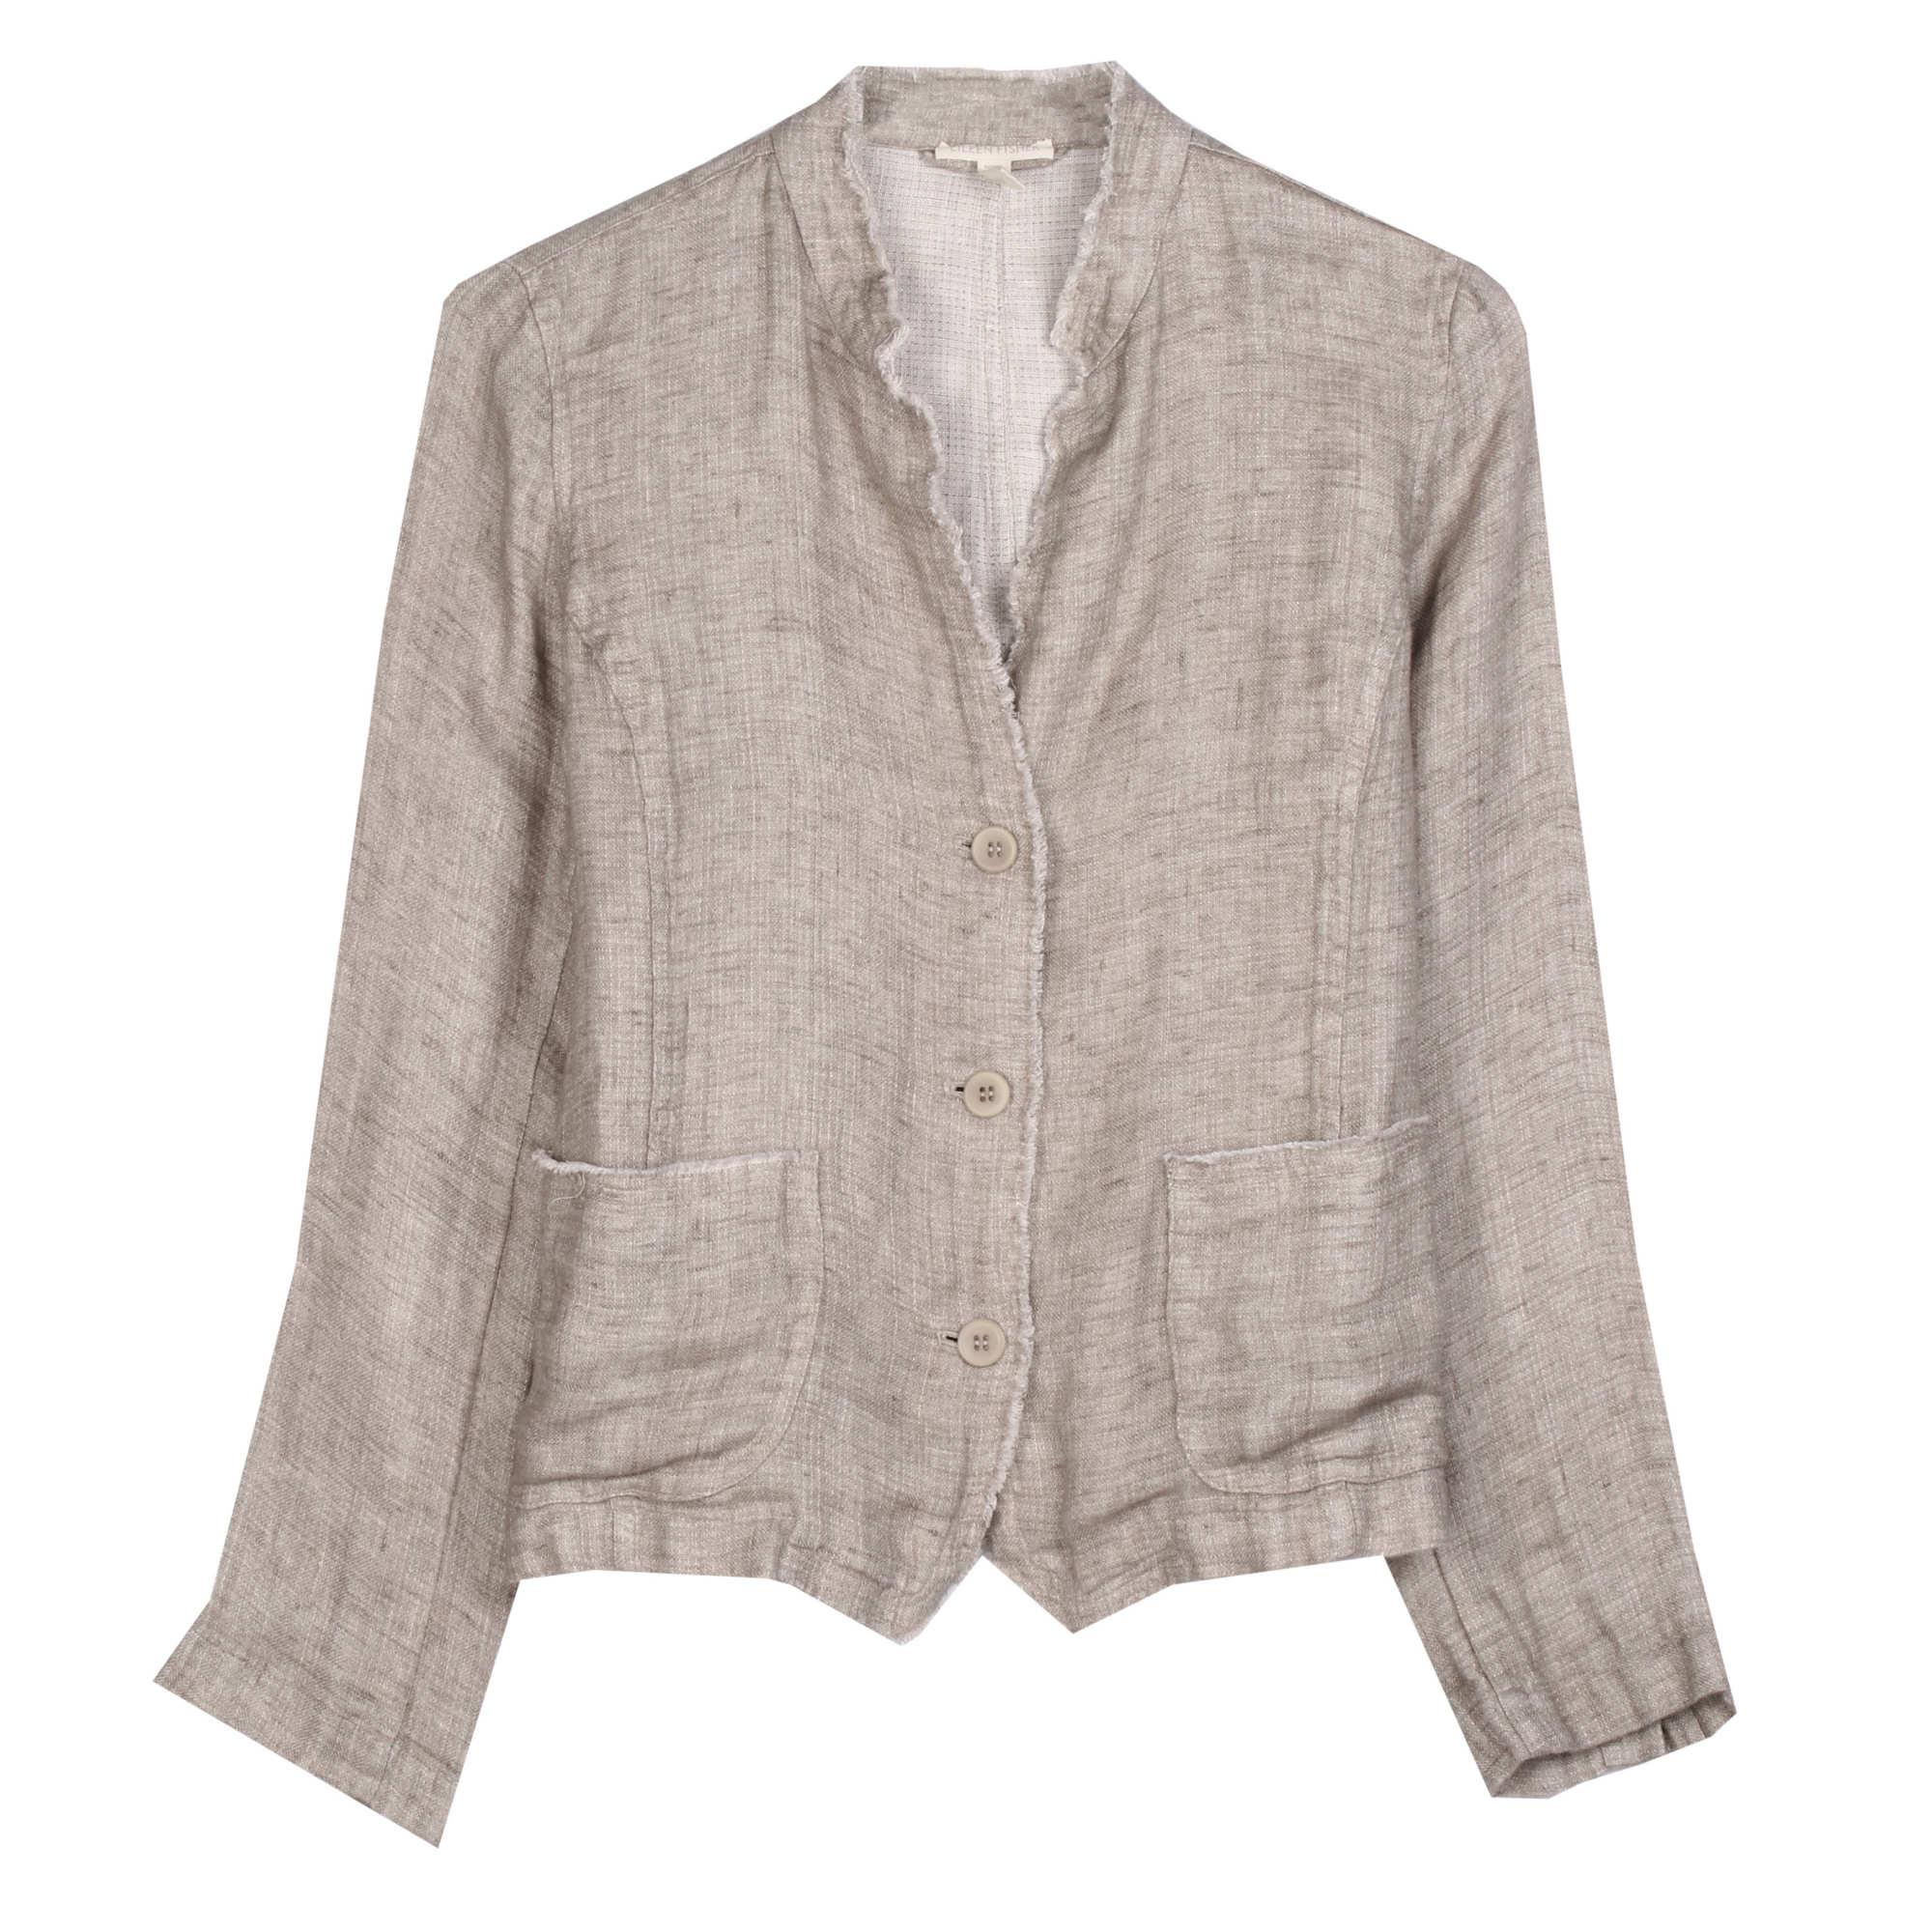 Organic Linen Doubleweave Jacket